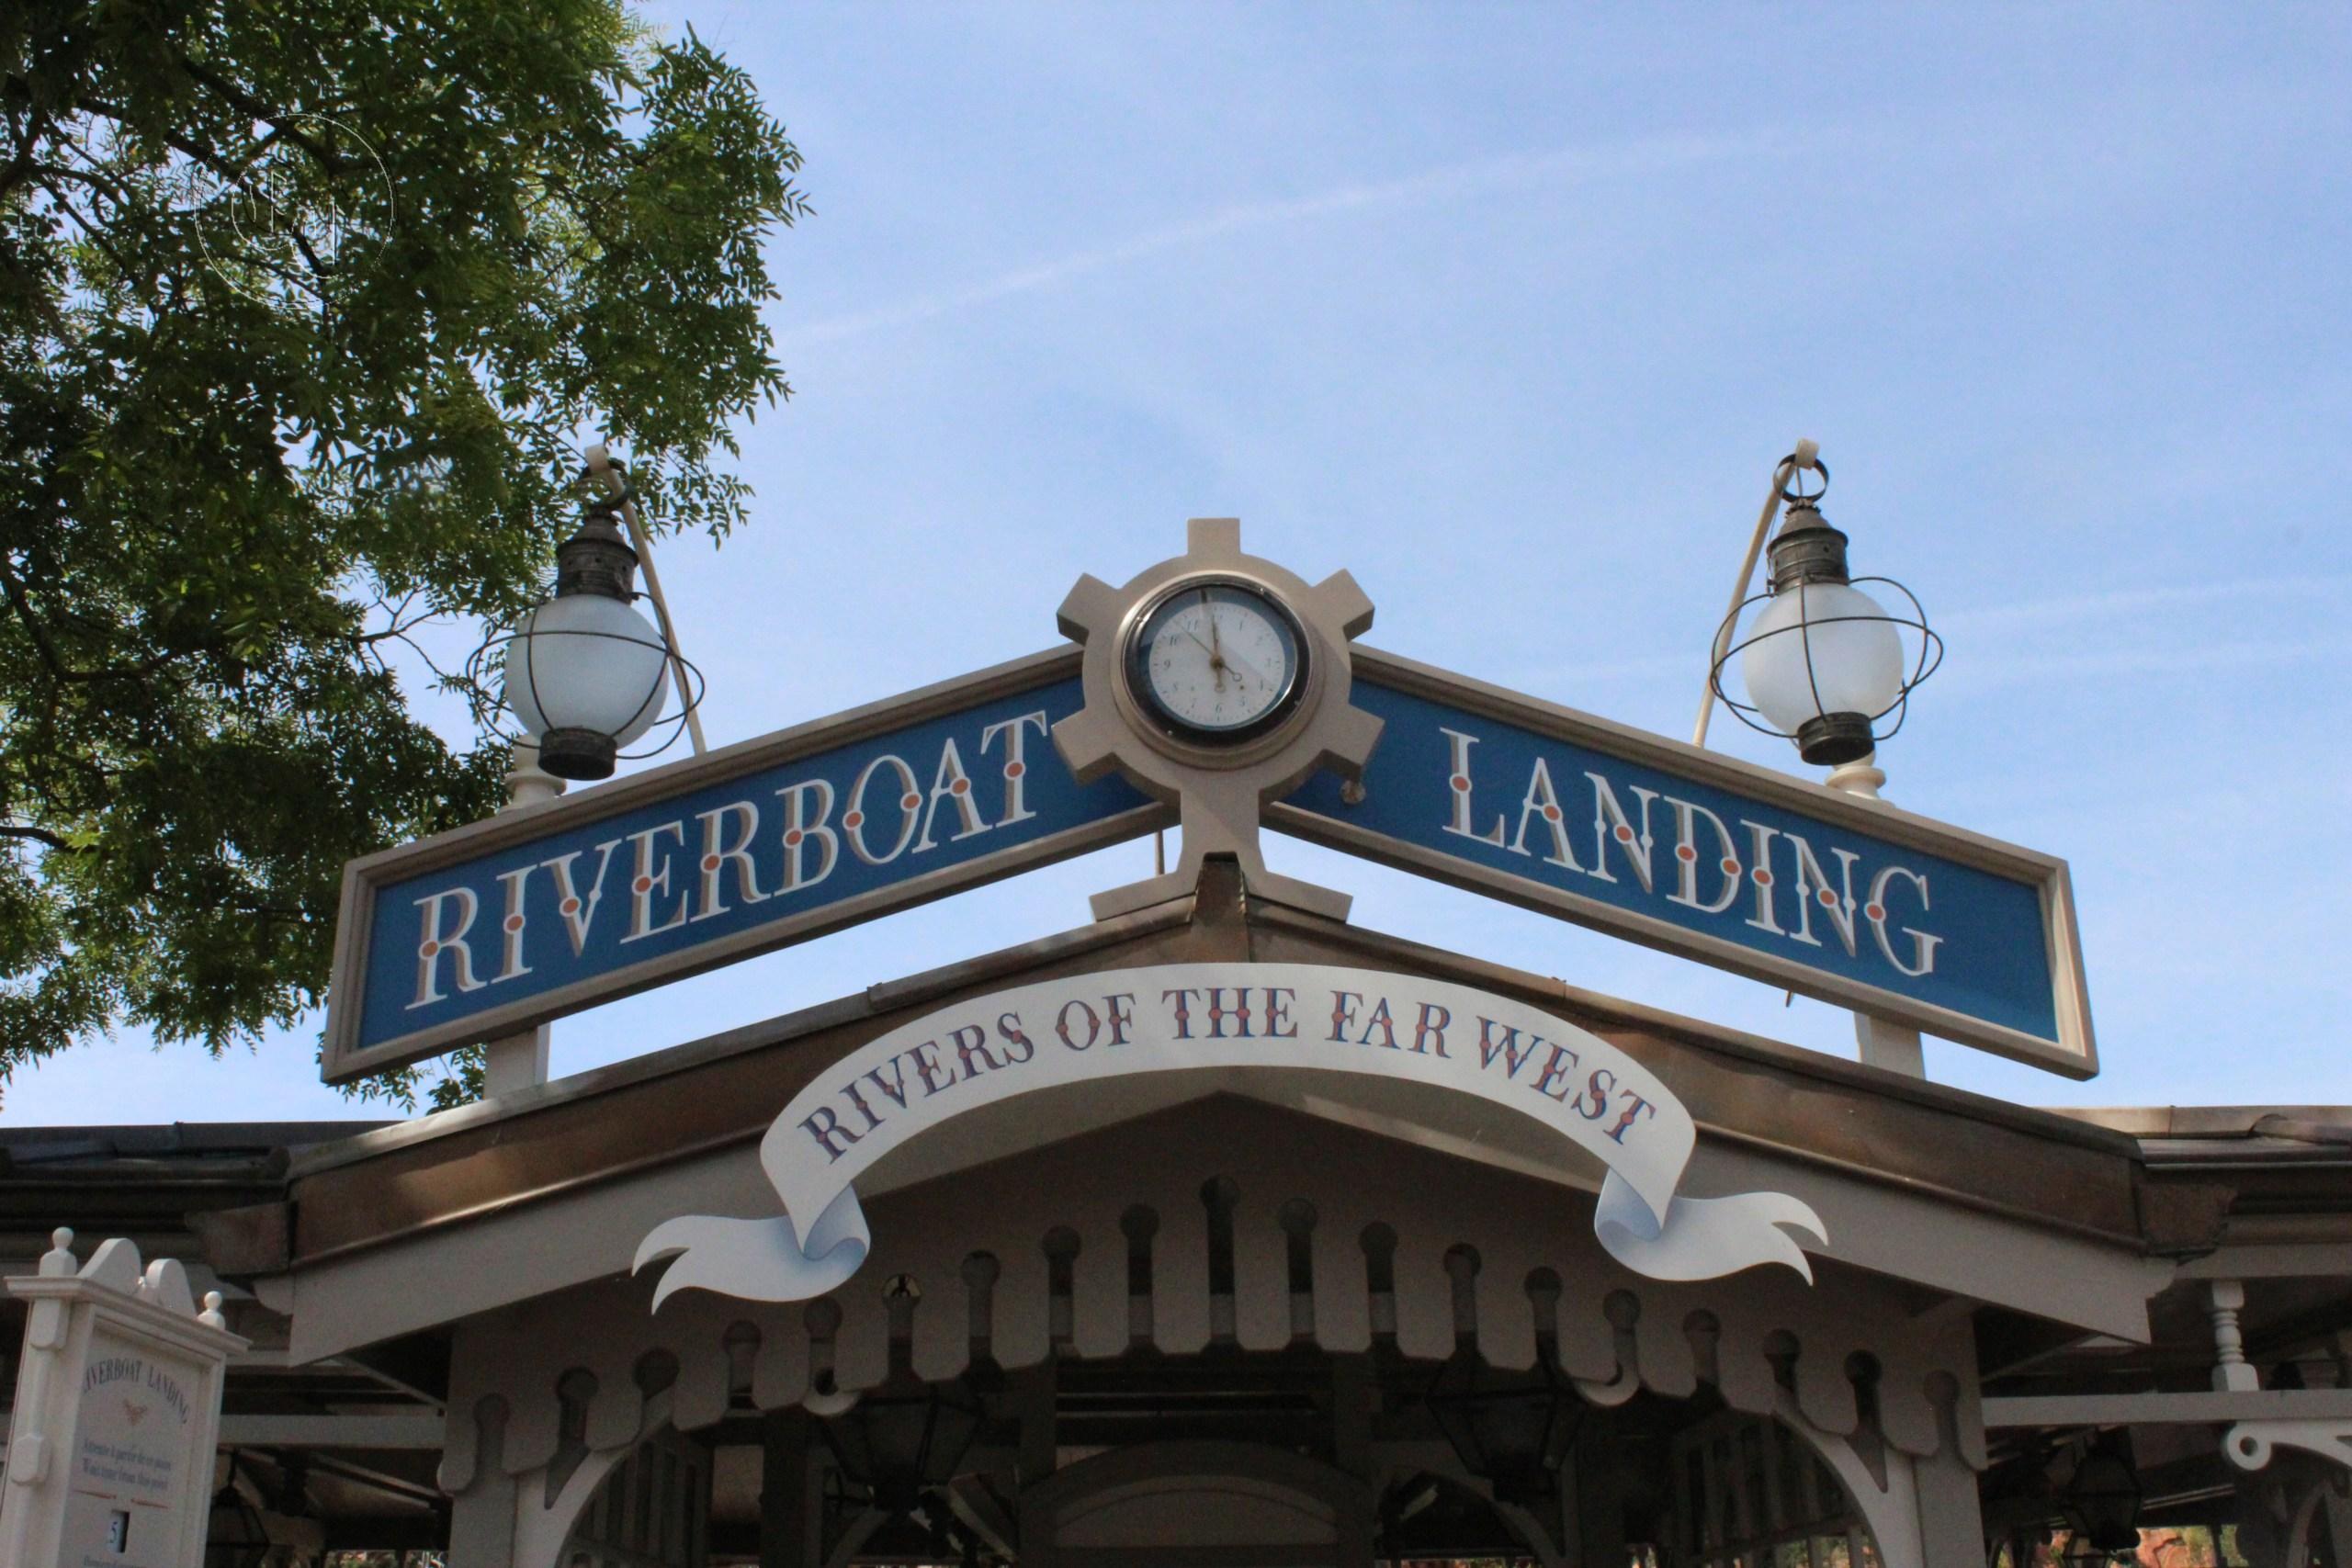 Curiosità e piccoli segreti al Disneyland park - Pagina 3 A19910